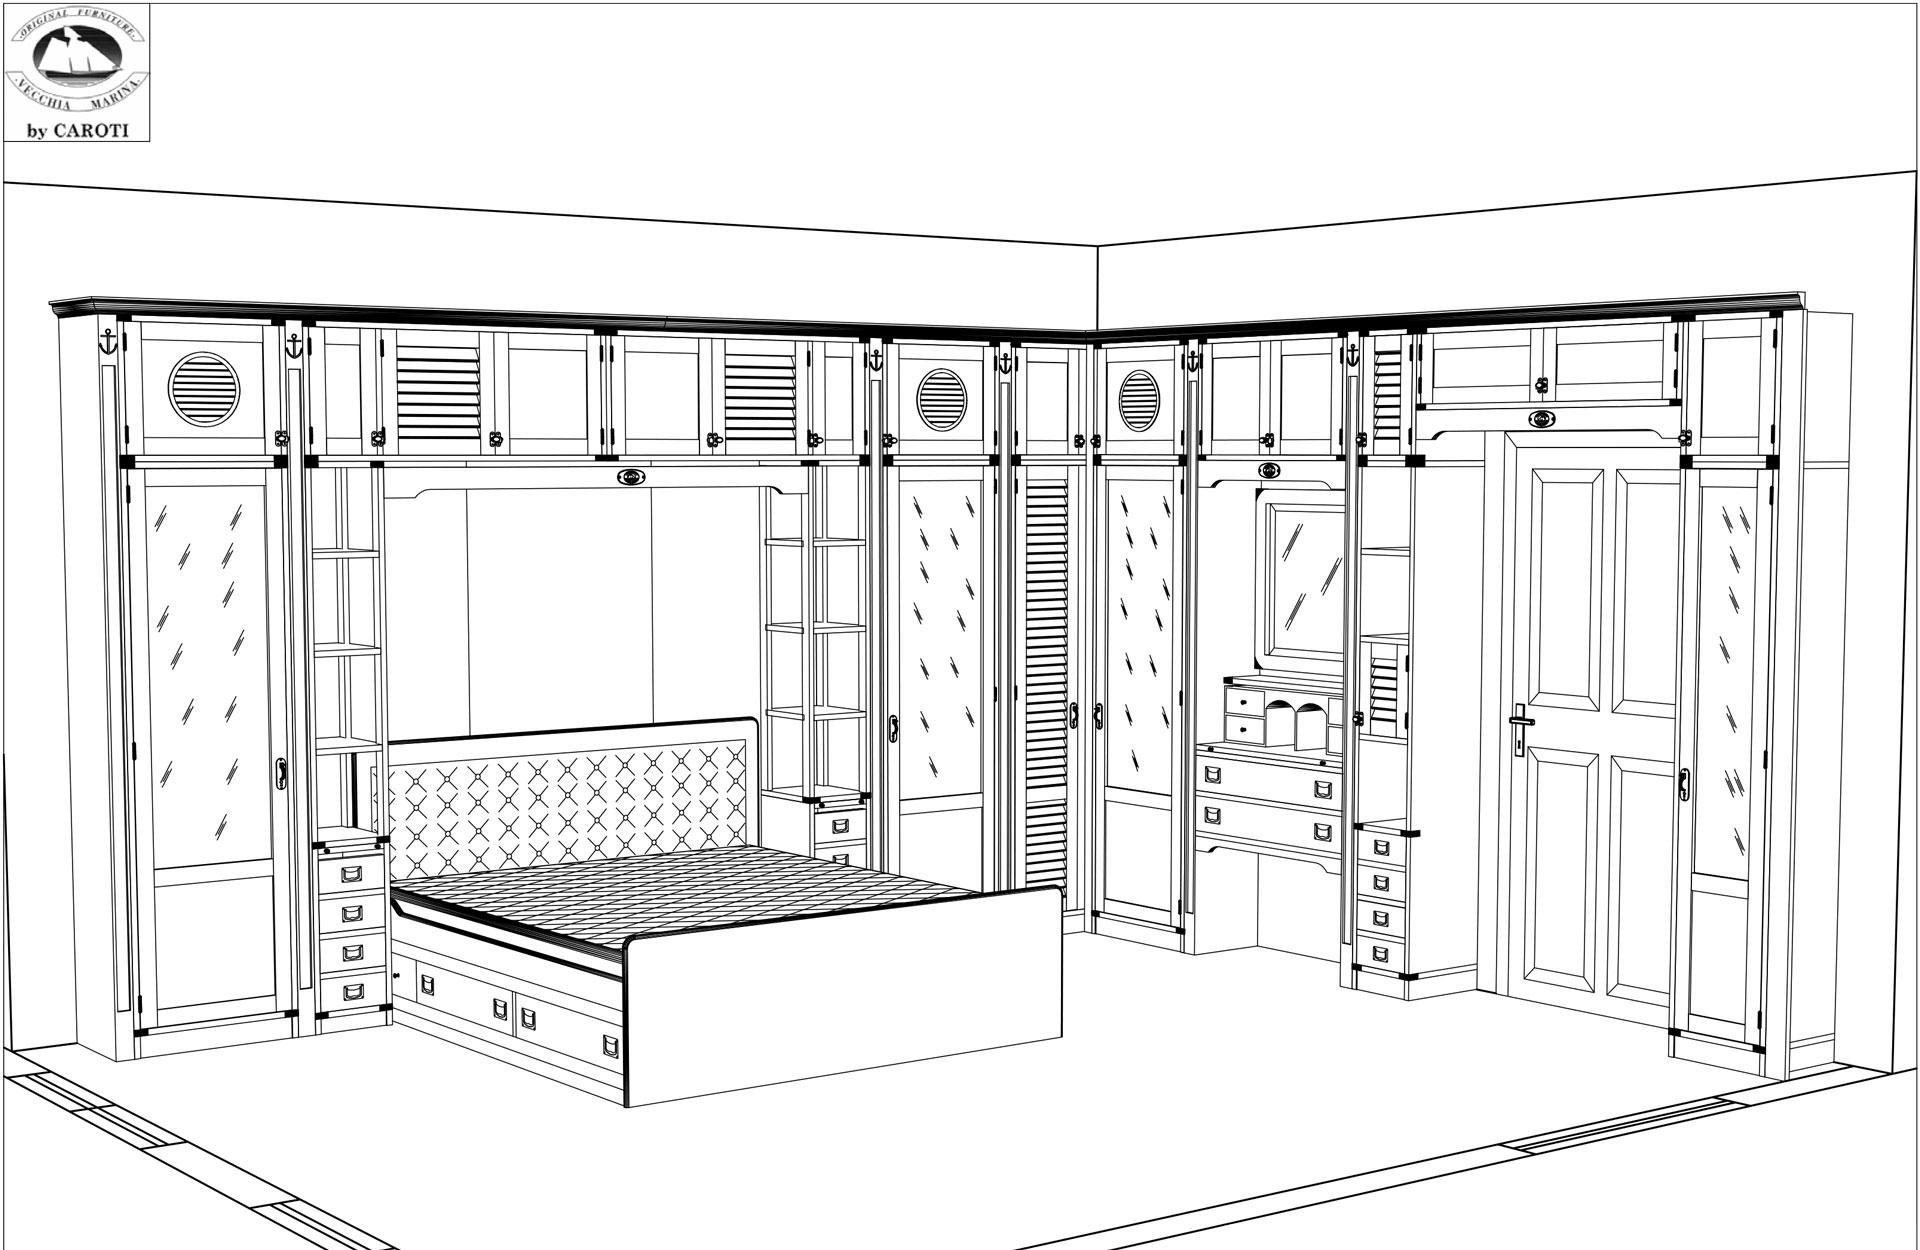 Bridge wardrobe above the door with vanity desk